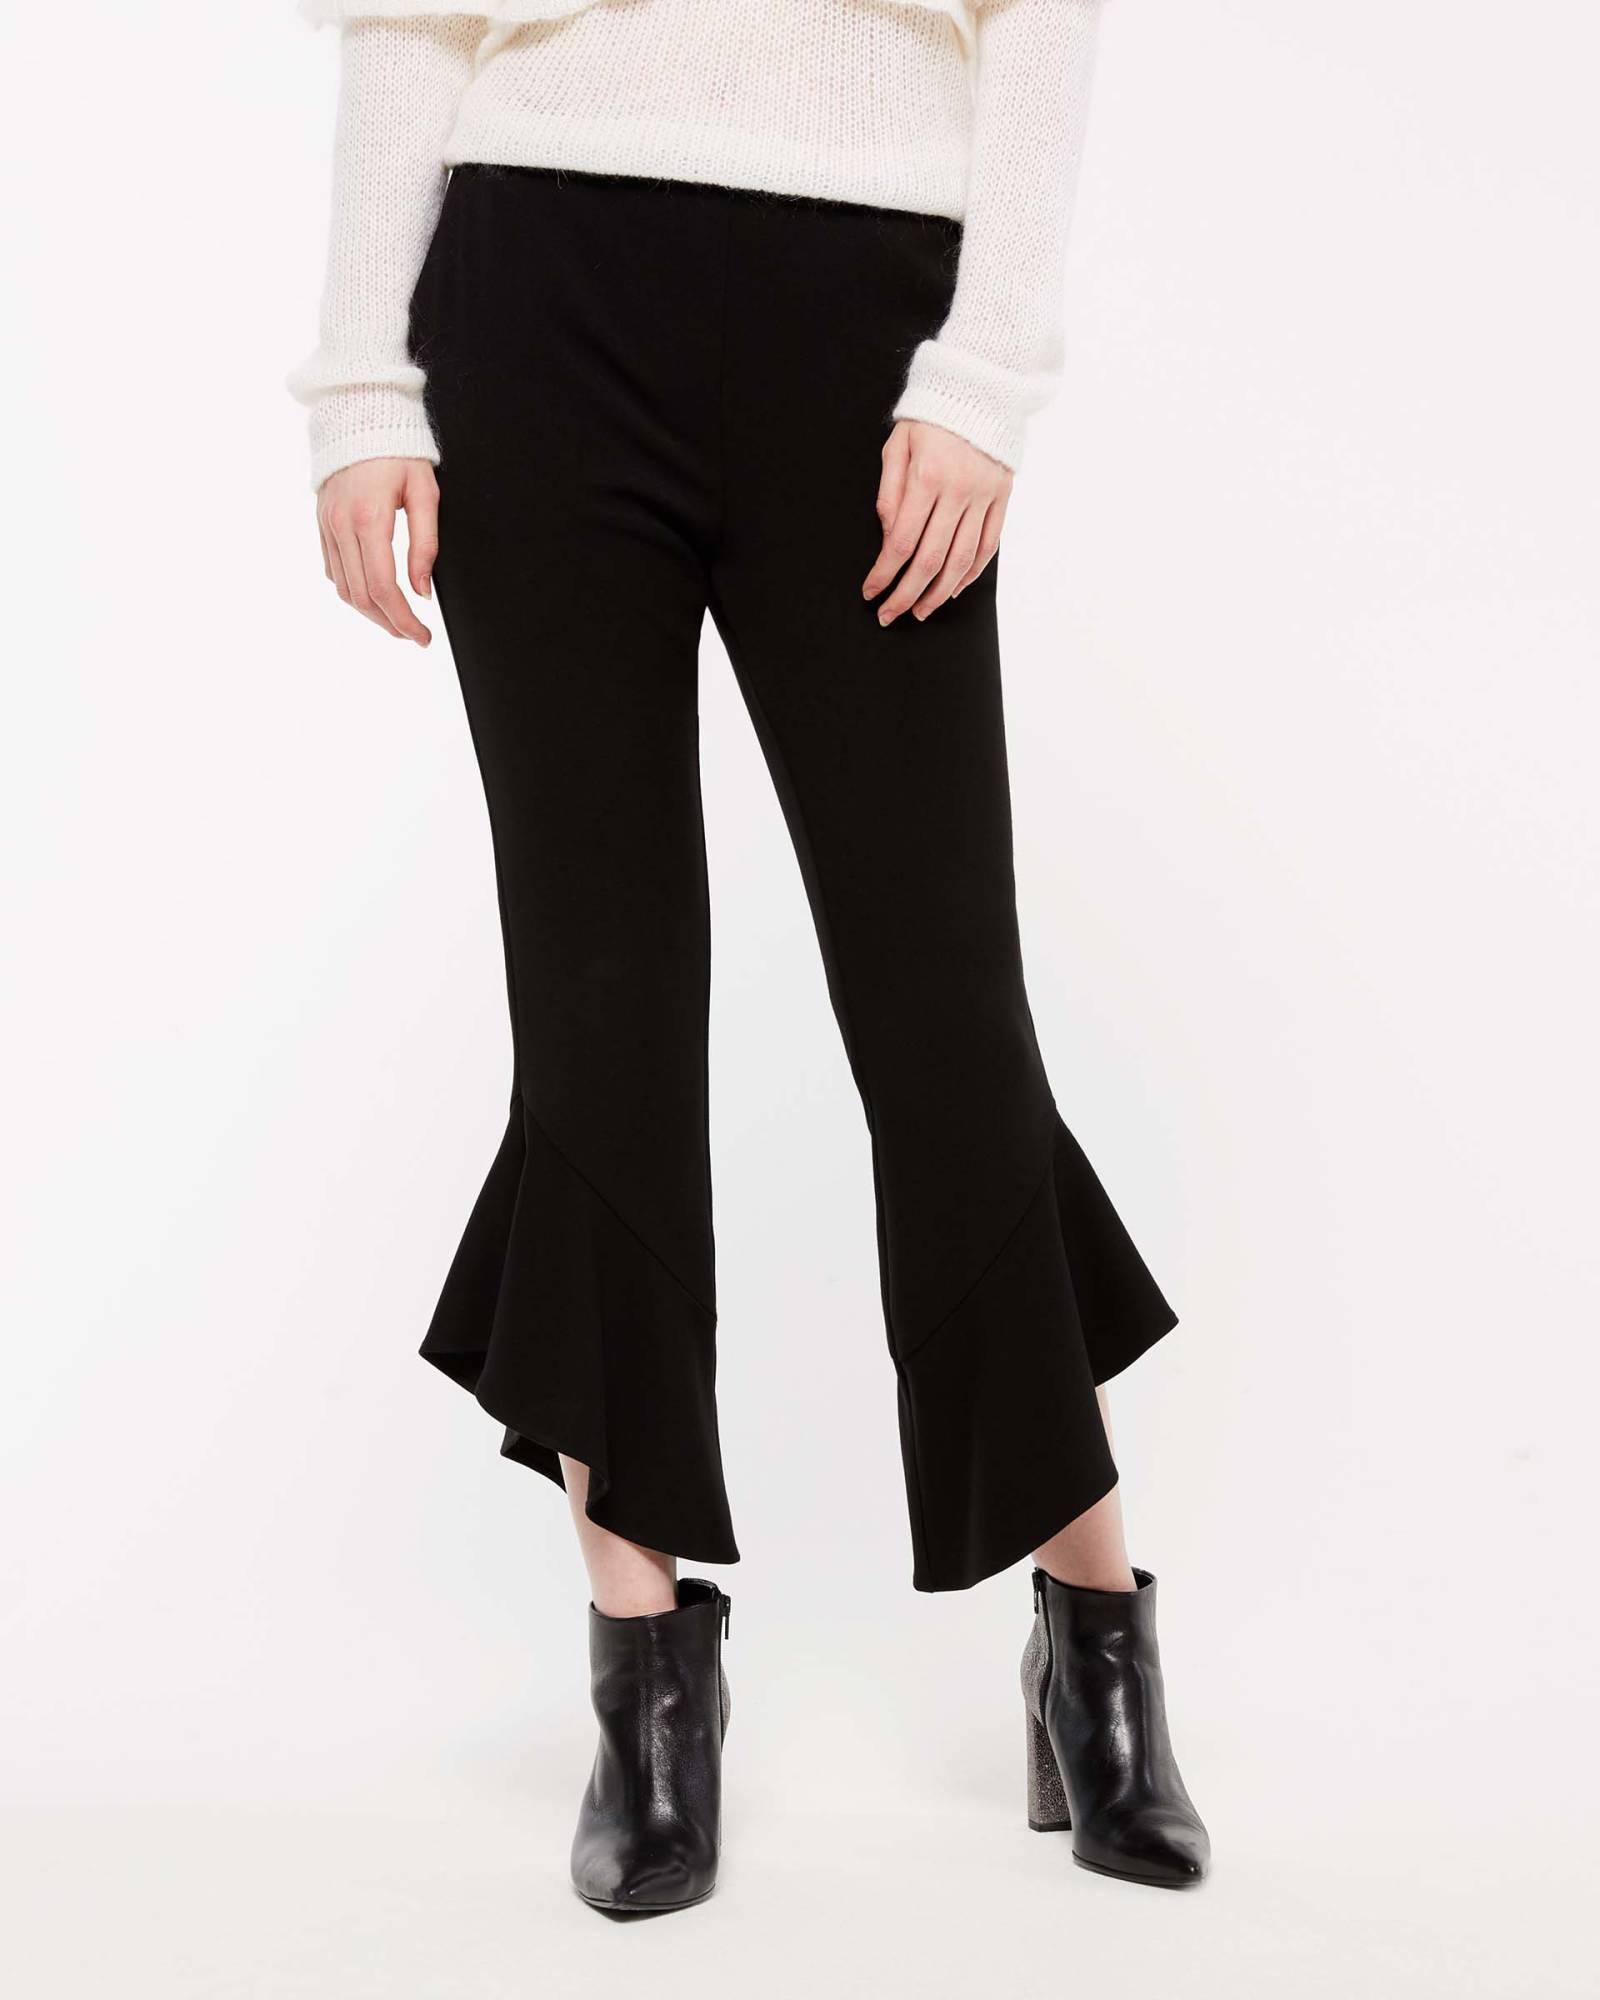 Pantaloni a zampa corti Sisley collezione autunno inverno 2018 2019 a2ed7360f63